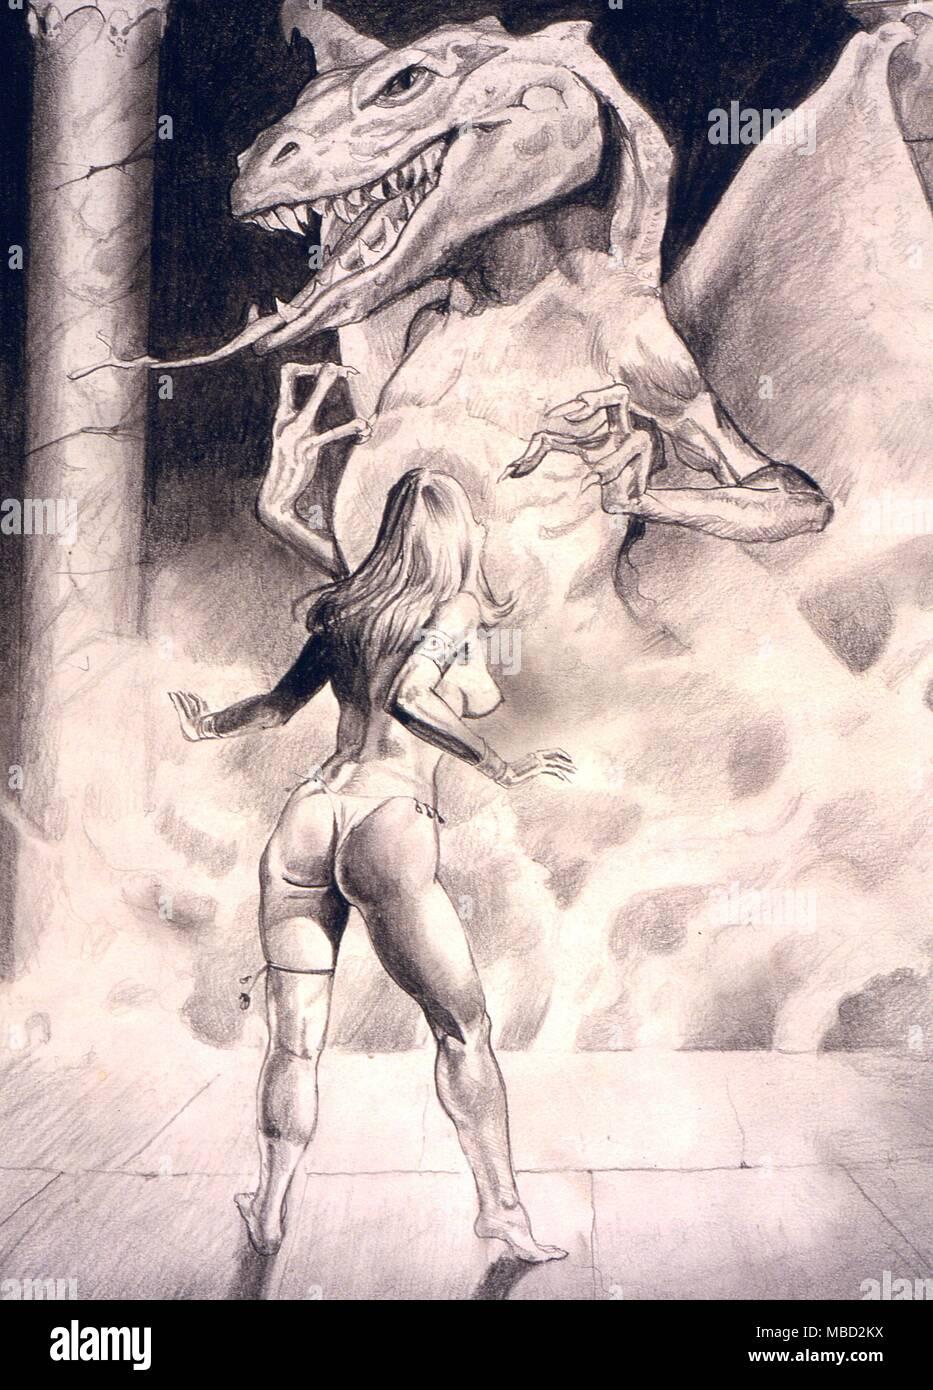 Monstruos Demond Dibujo A Lápiz Por El Artista Gordon Wain